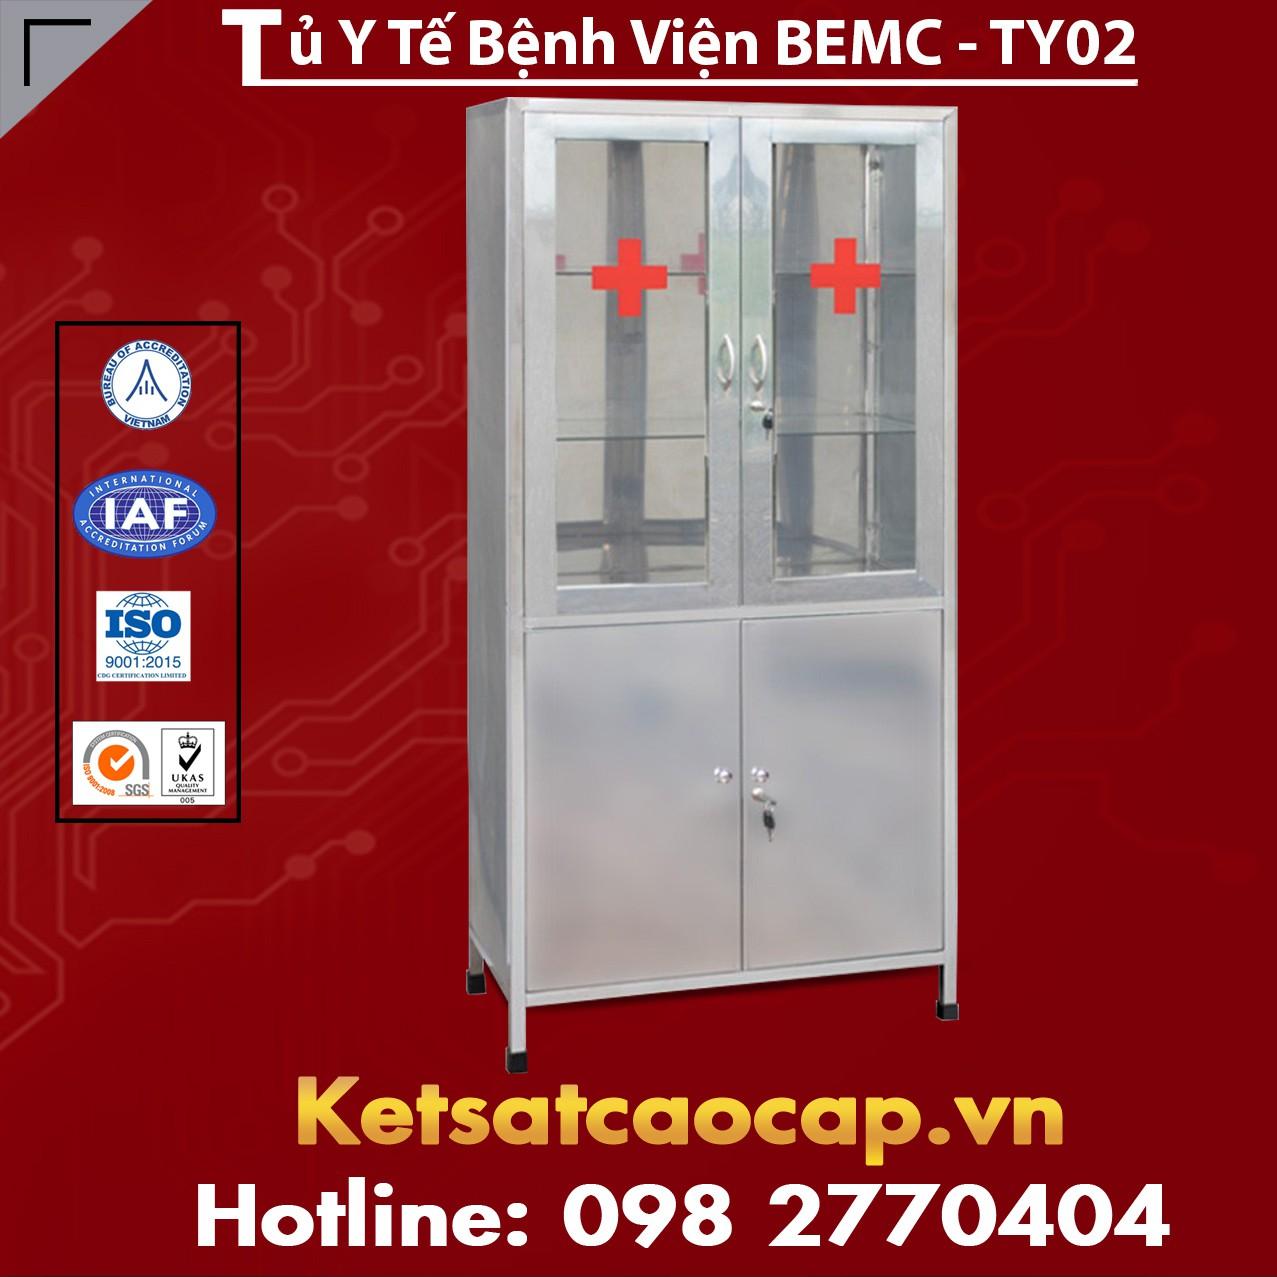 Tủ Y Tế Bệnh Viện BEMC - TYT02